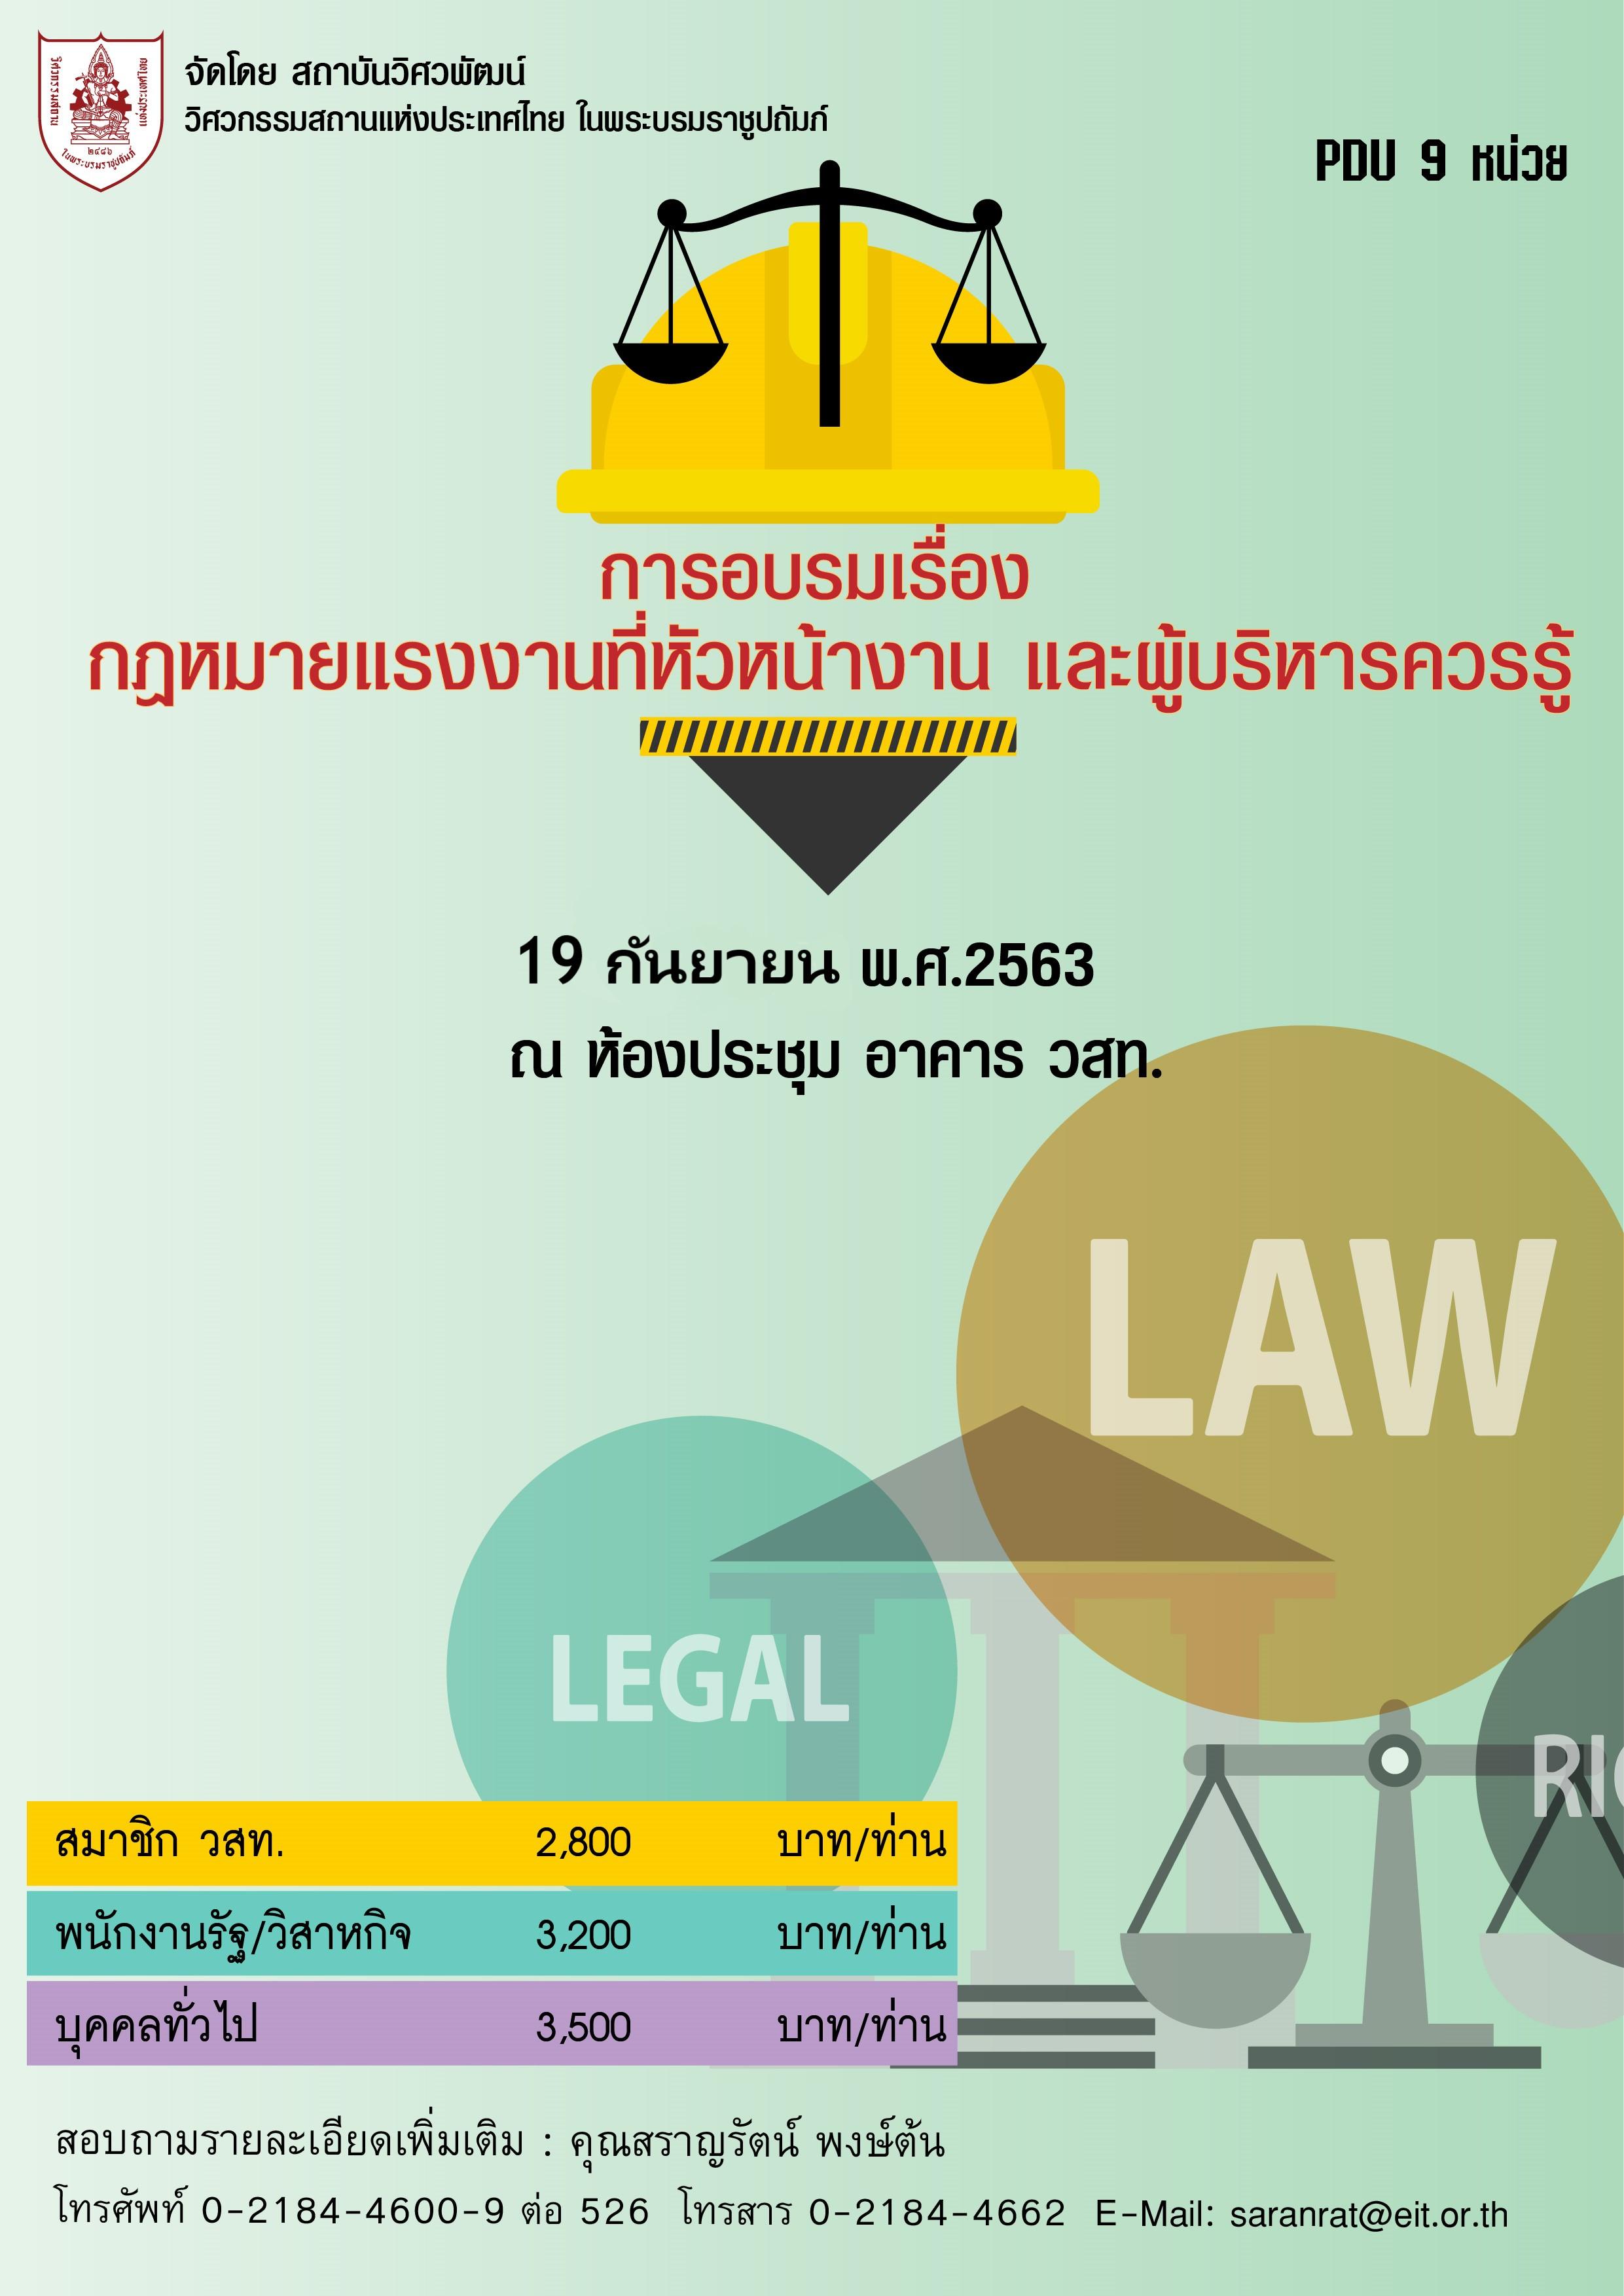 08/08/63 การอบรมเรื่อง กฎหมายแรงงานที่หัวหน้างาน และผู้บริหารควรรู้